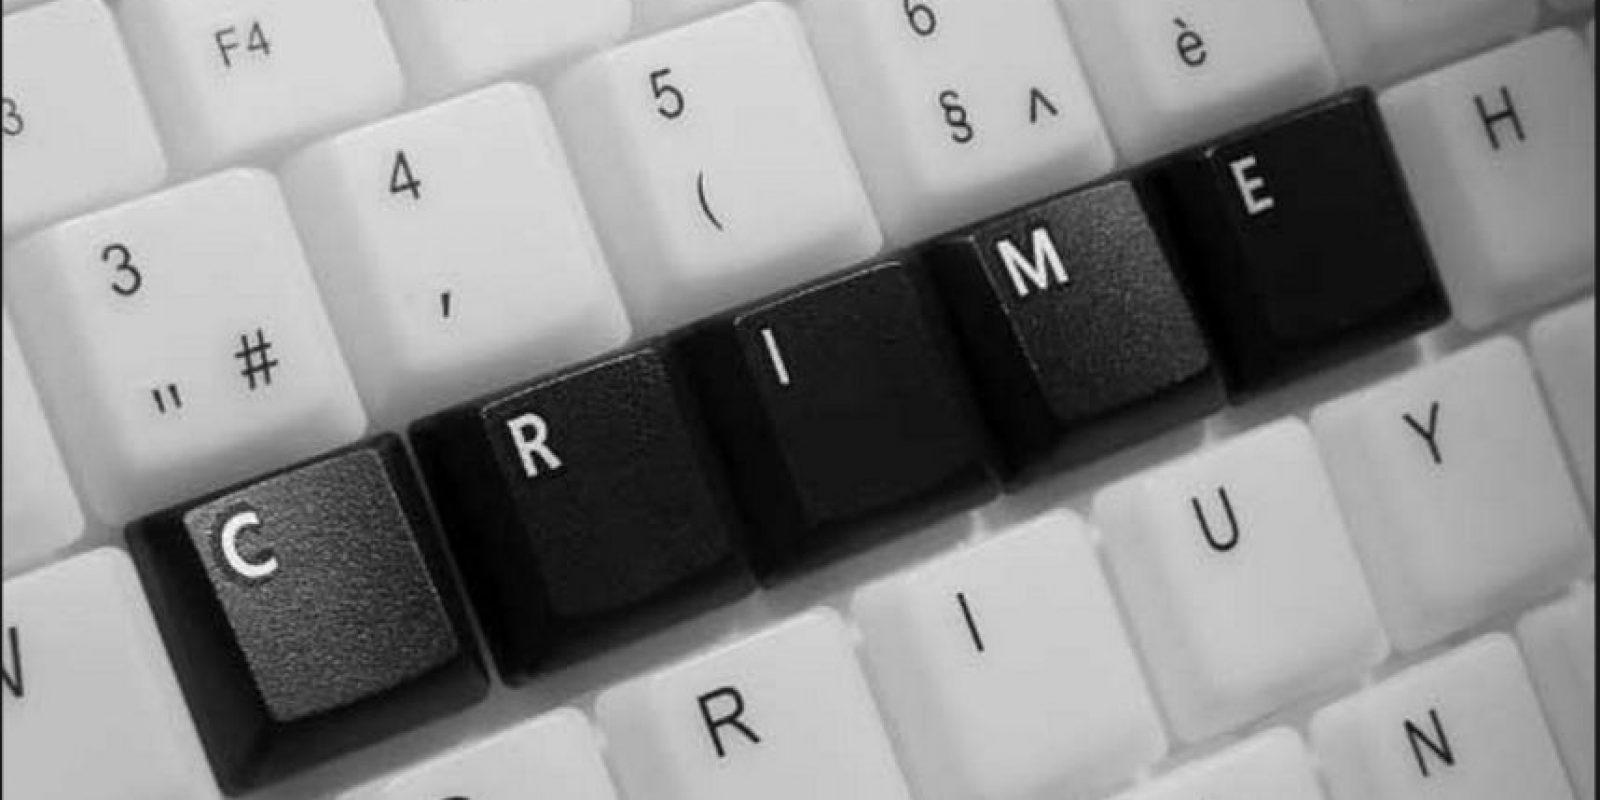 Seguido por un ataque al smartphone o la computadora y el consecuente acceso a la información personal Foto:Wikicommons